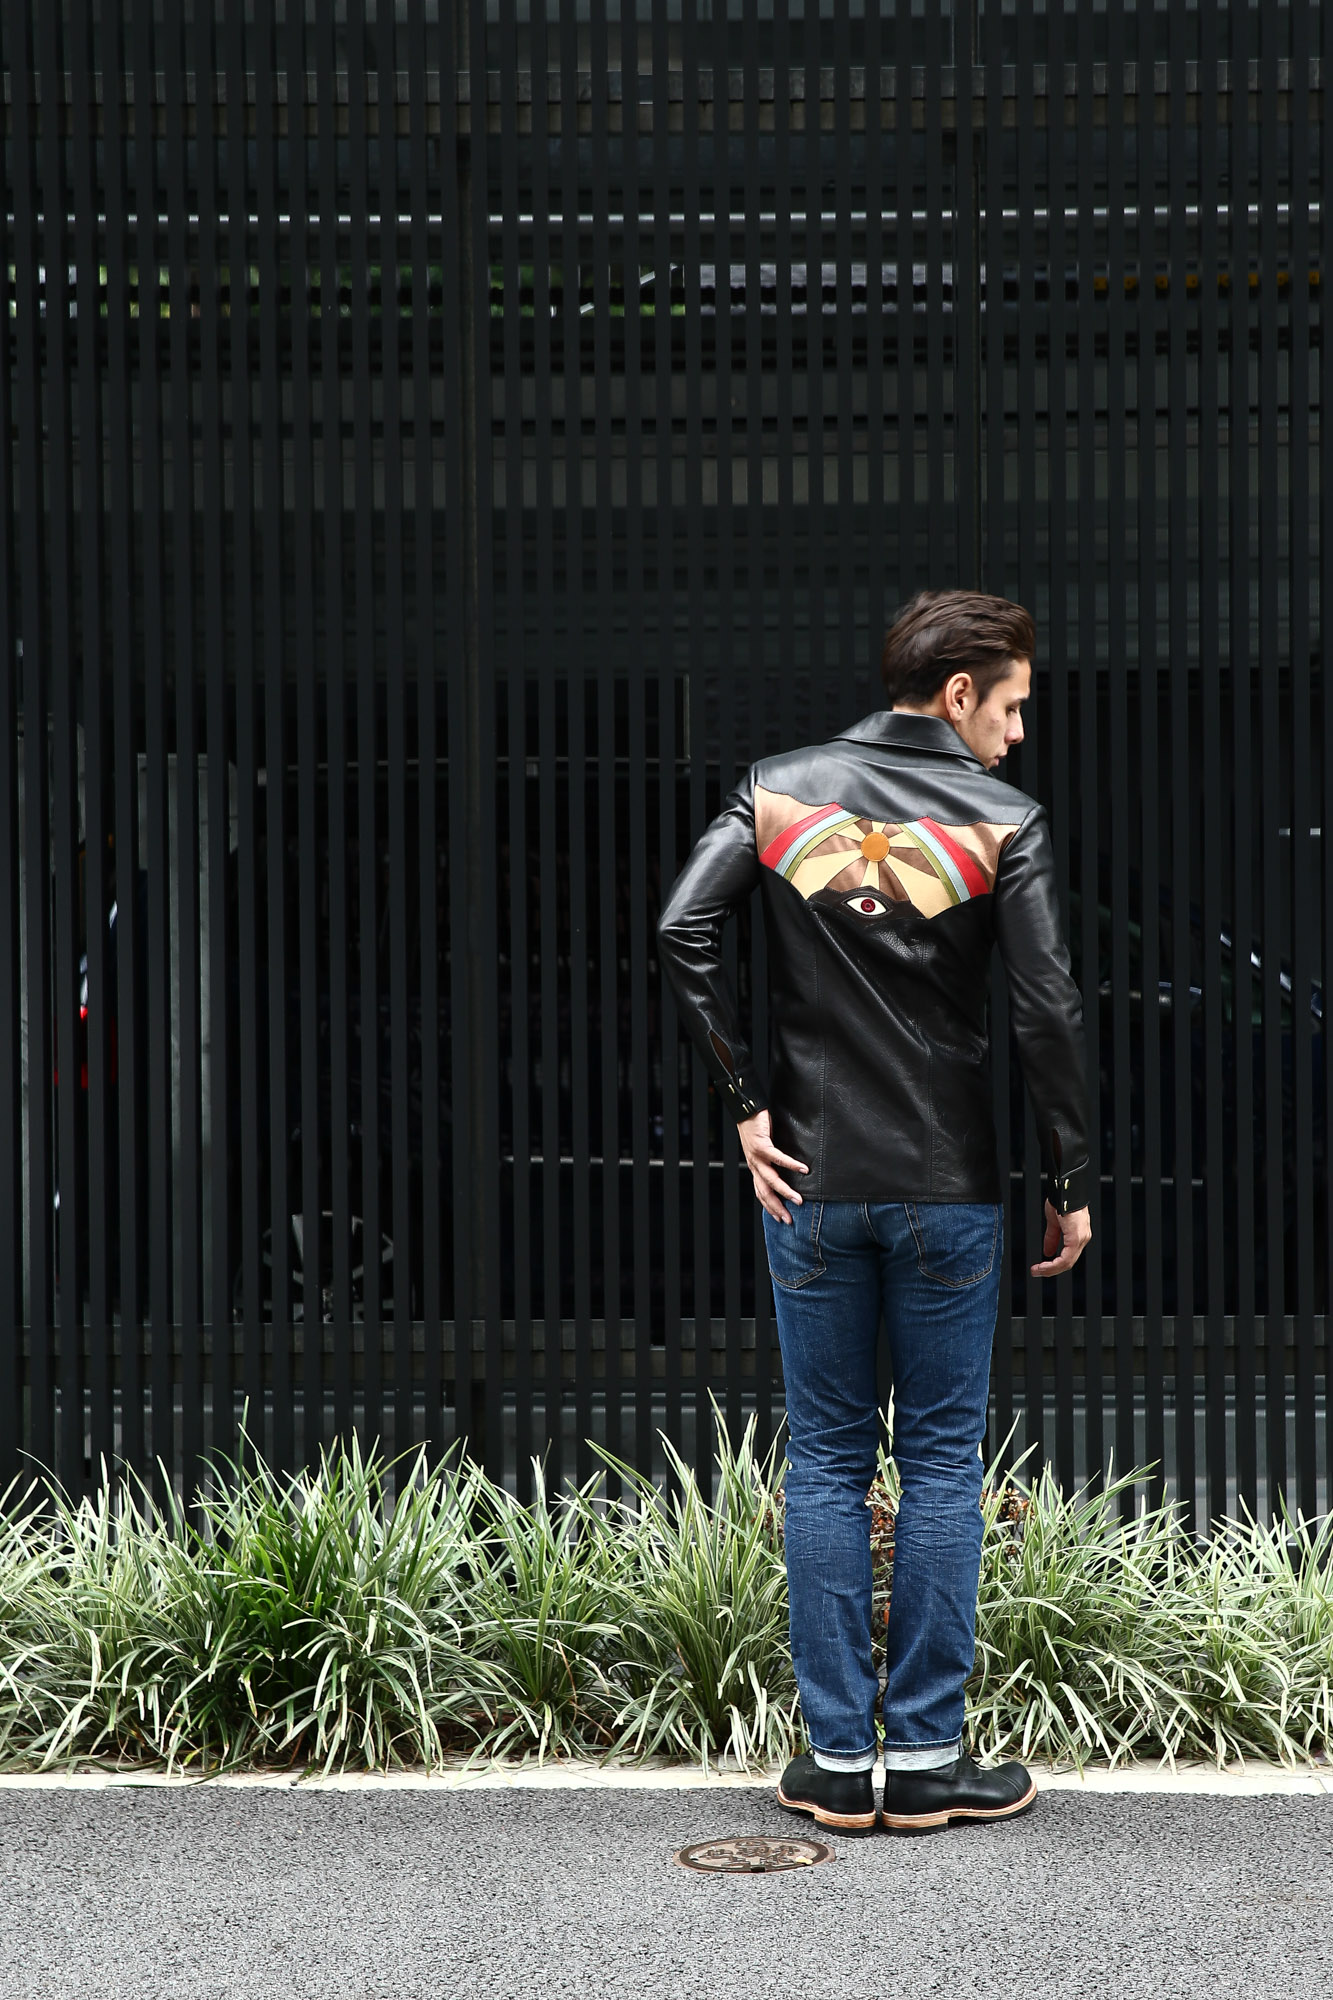 South Paradiso Leather(サウスパラディソレザー) East West(イーストウエスト) ILLUMINATI RAINBOW SHIRTS(イルミナティレインボーシャツ) レザーシャツ BLACK(ブラック) バックスタイル画像。バック画像。